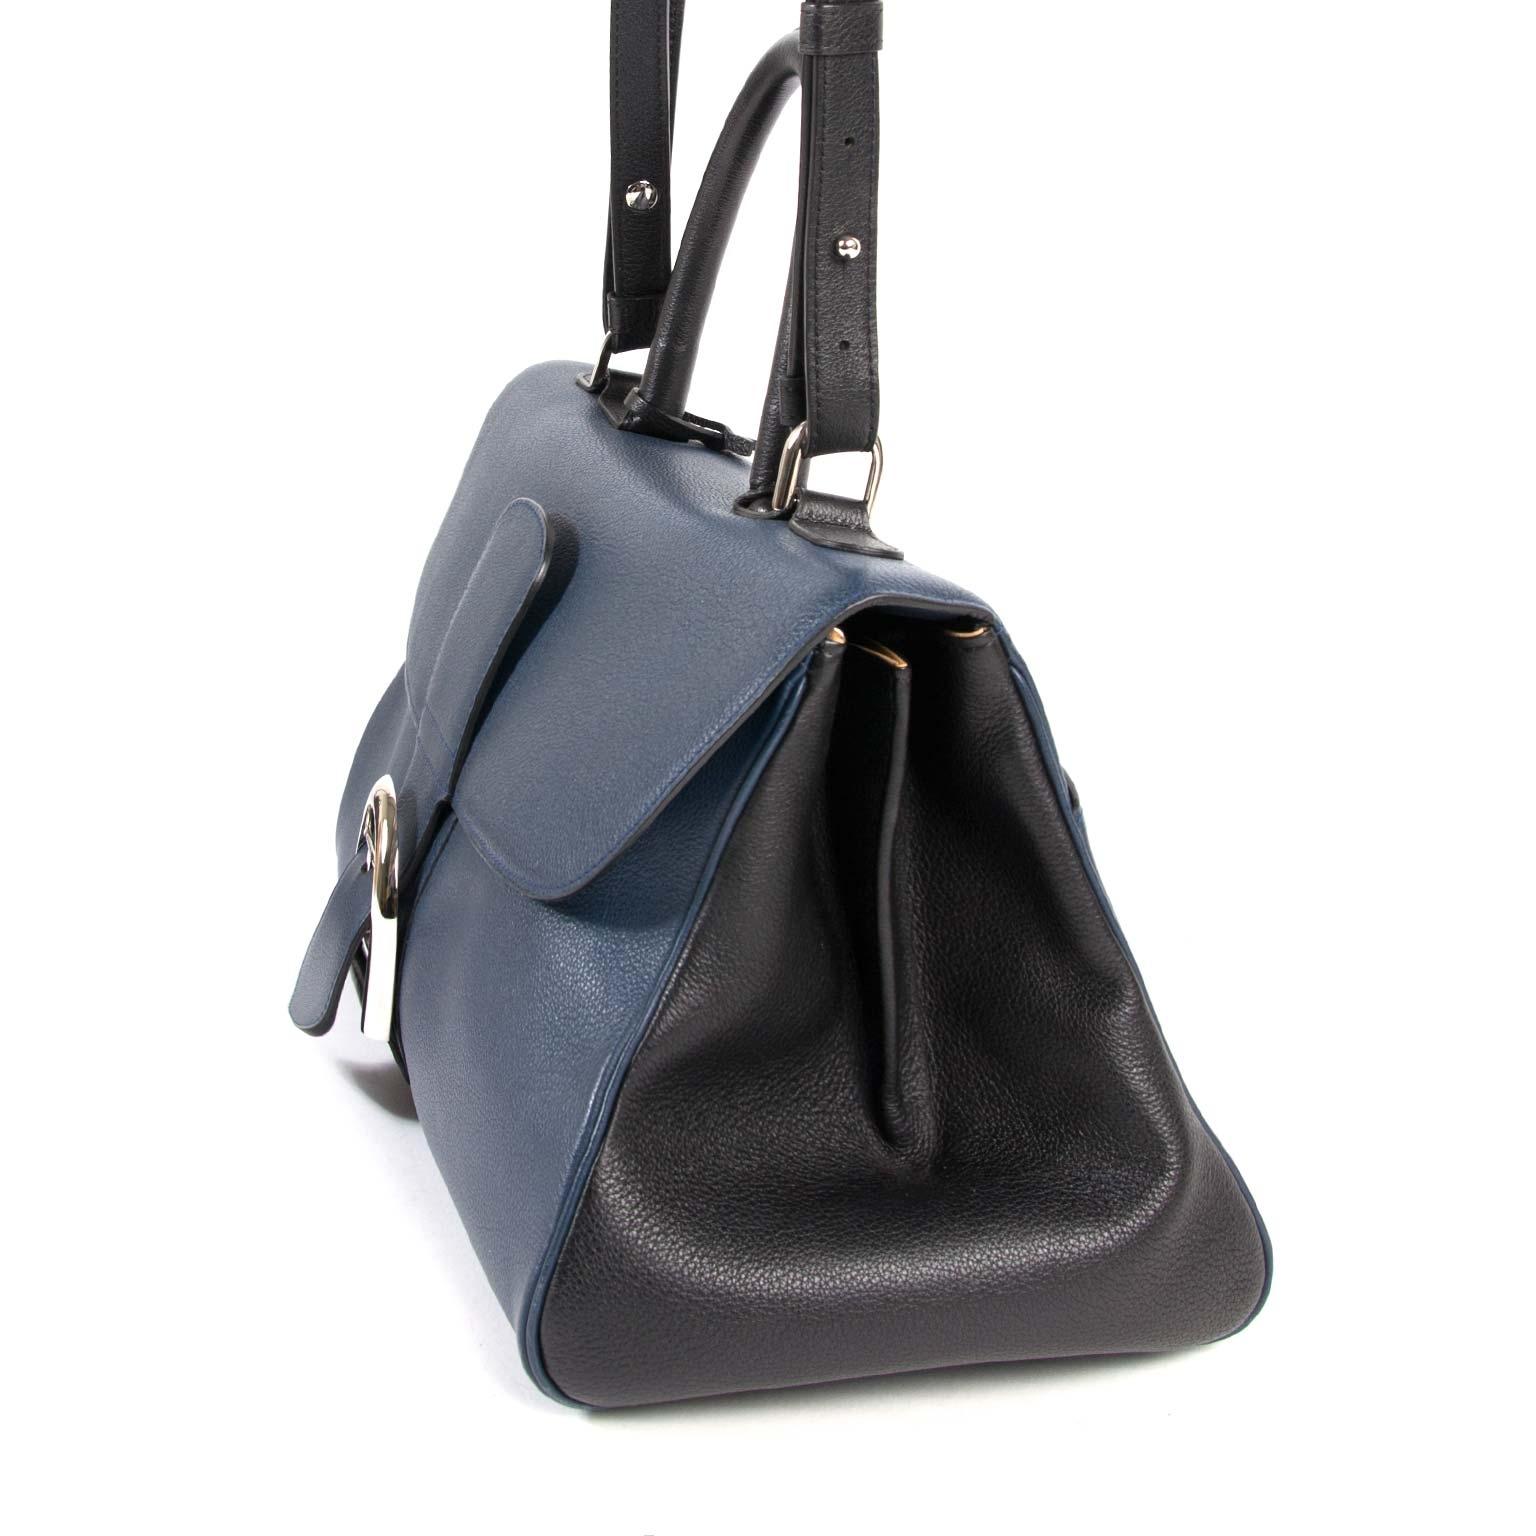 Delvaux Brillant East West Bicolor Bag Sellier Bicolore Calanque PA 00 for sale